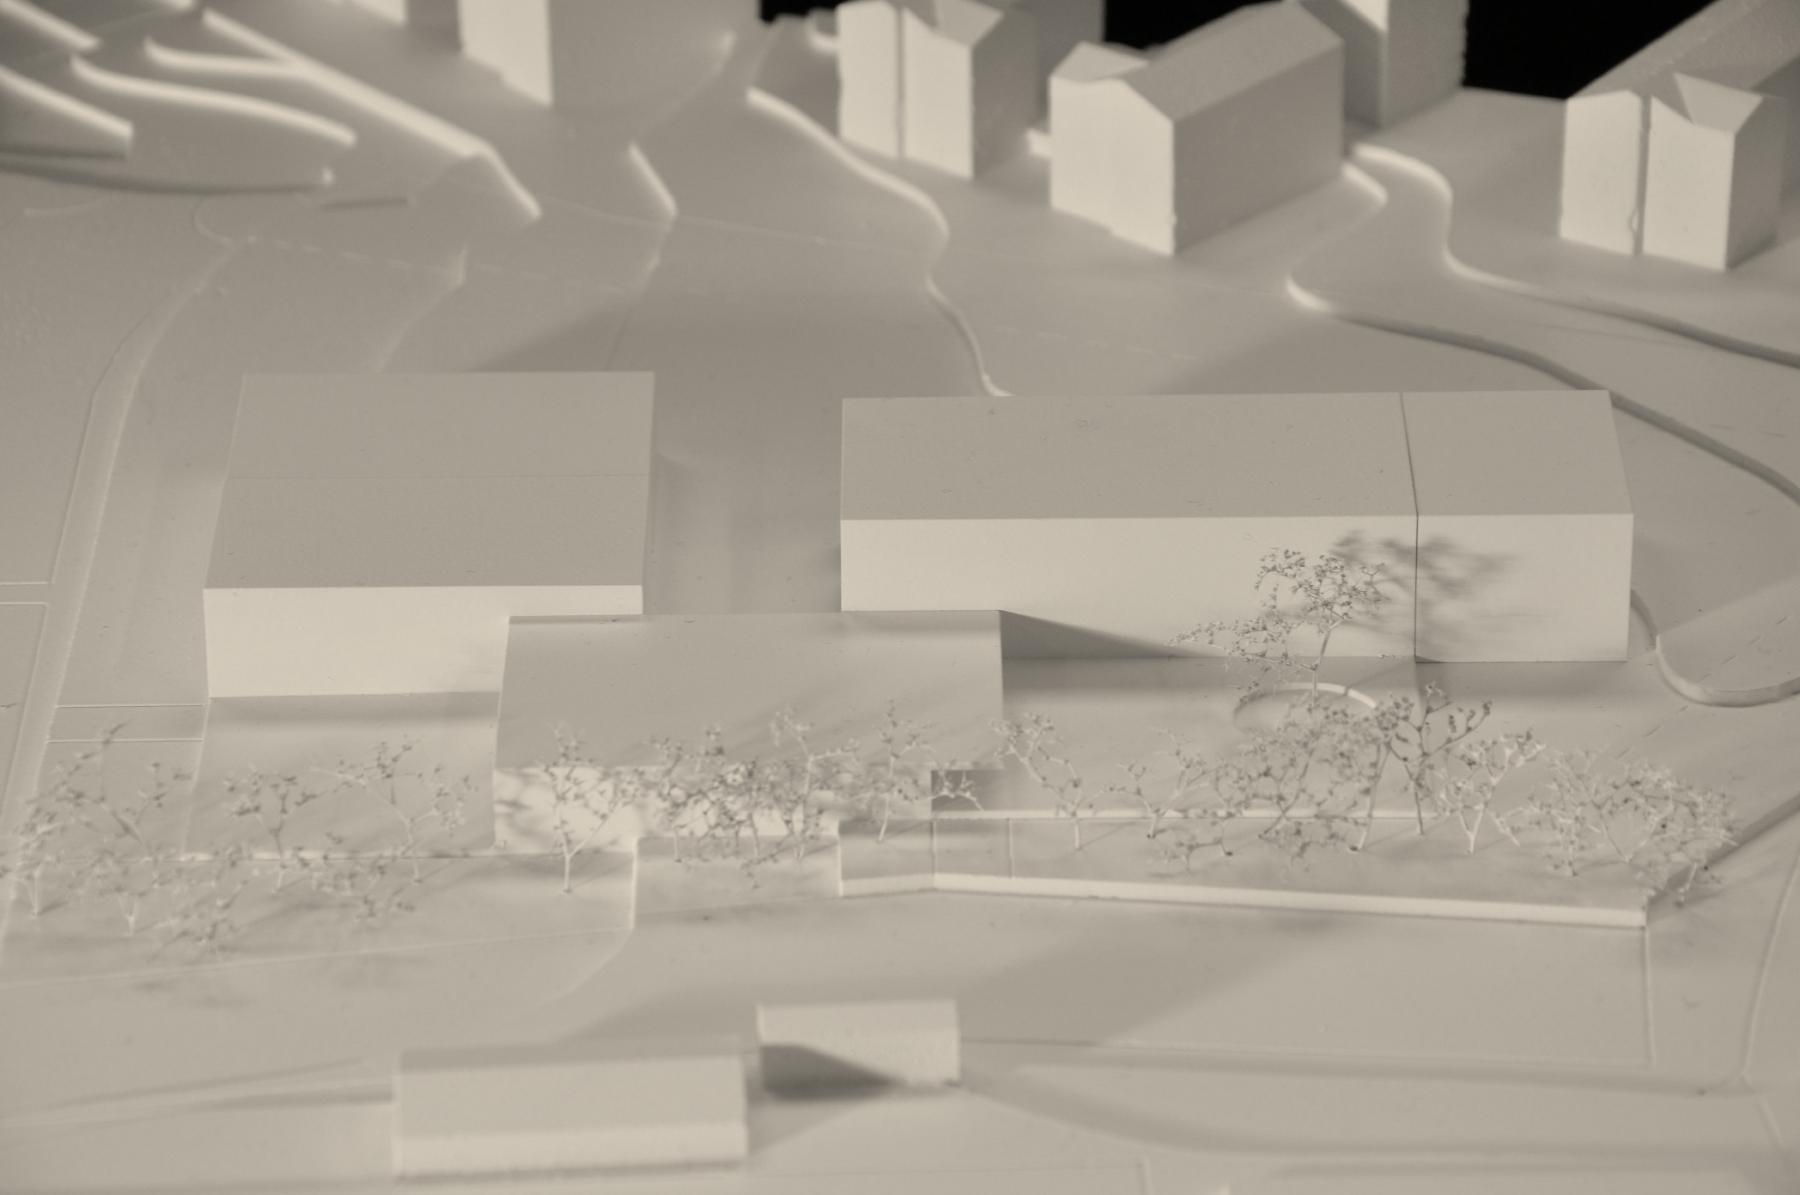 Nouvelle école du Platy, Villars-sur-Glâne, d4 atelier d'architecture, TRIO